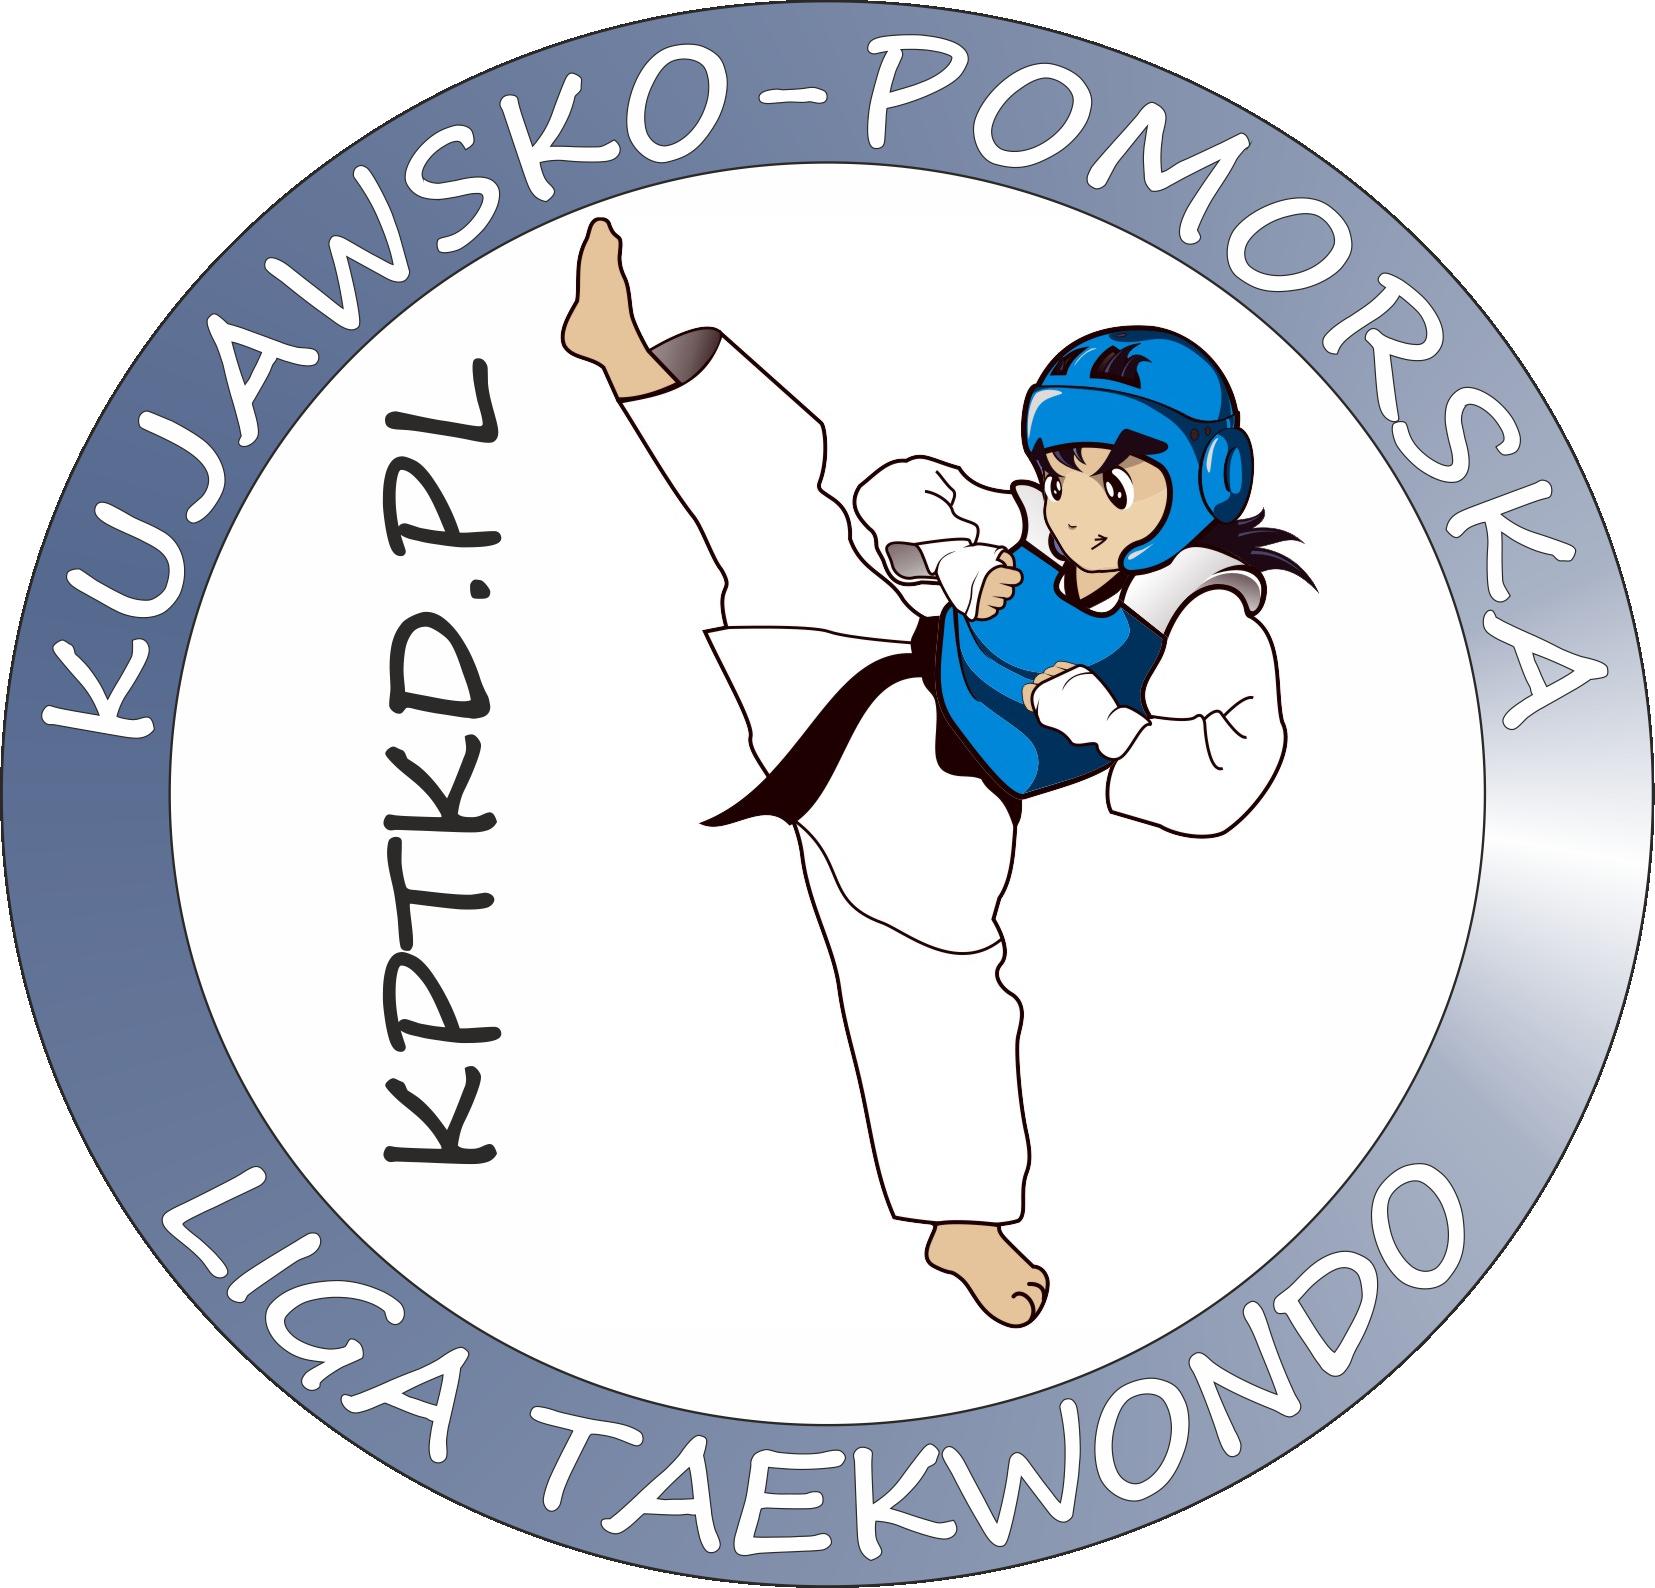 Kujawsko-Pomorska Liga Taekwondo